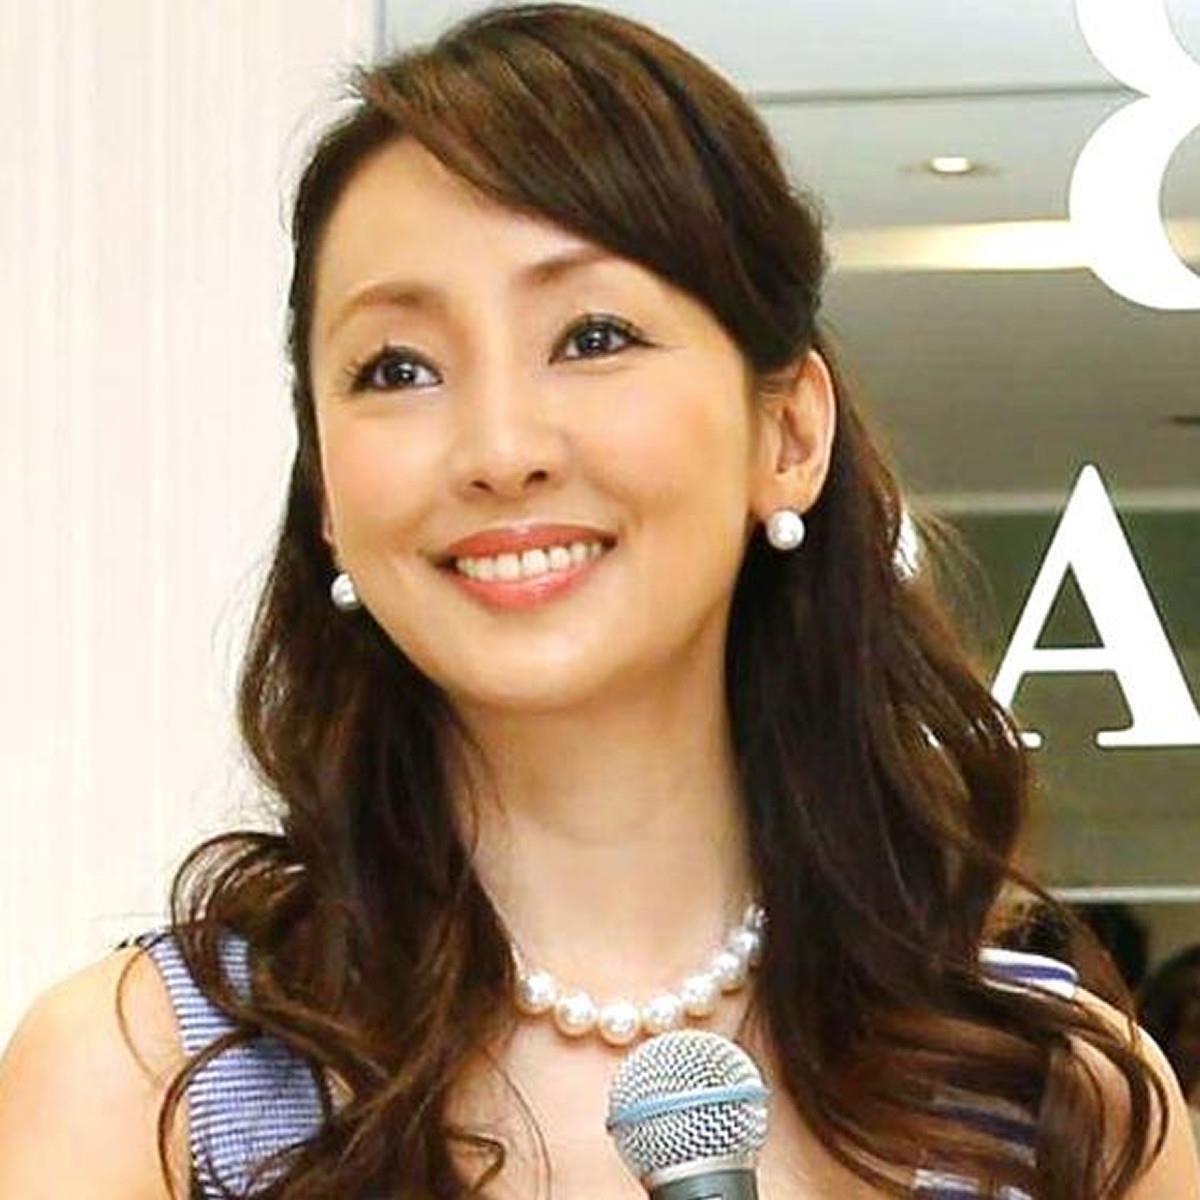 """神田うの、長女と""""双子コーデ""""でコンサートへ「毛皮のコートがゴージャス」(スポーツ報知) - Yahoo!ニュース"""